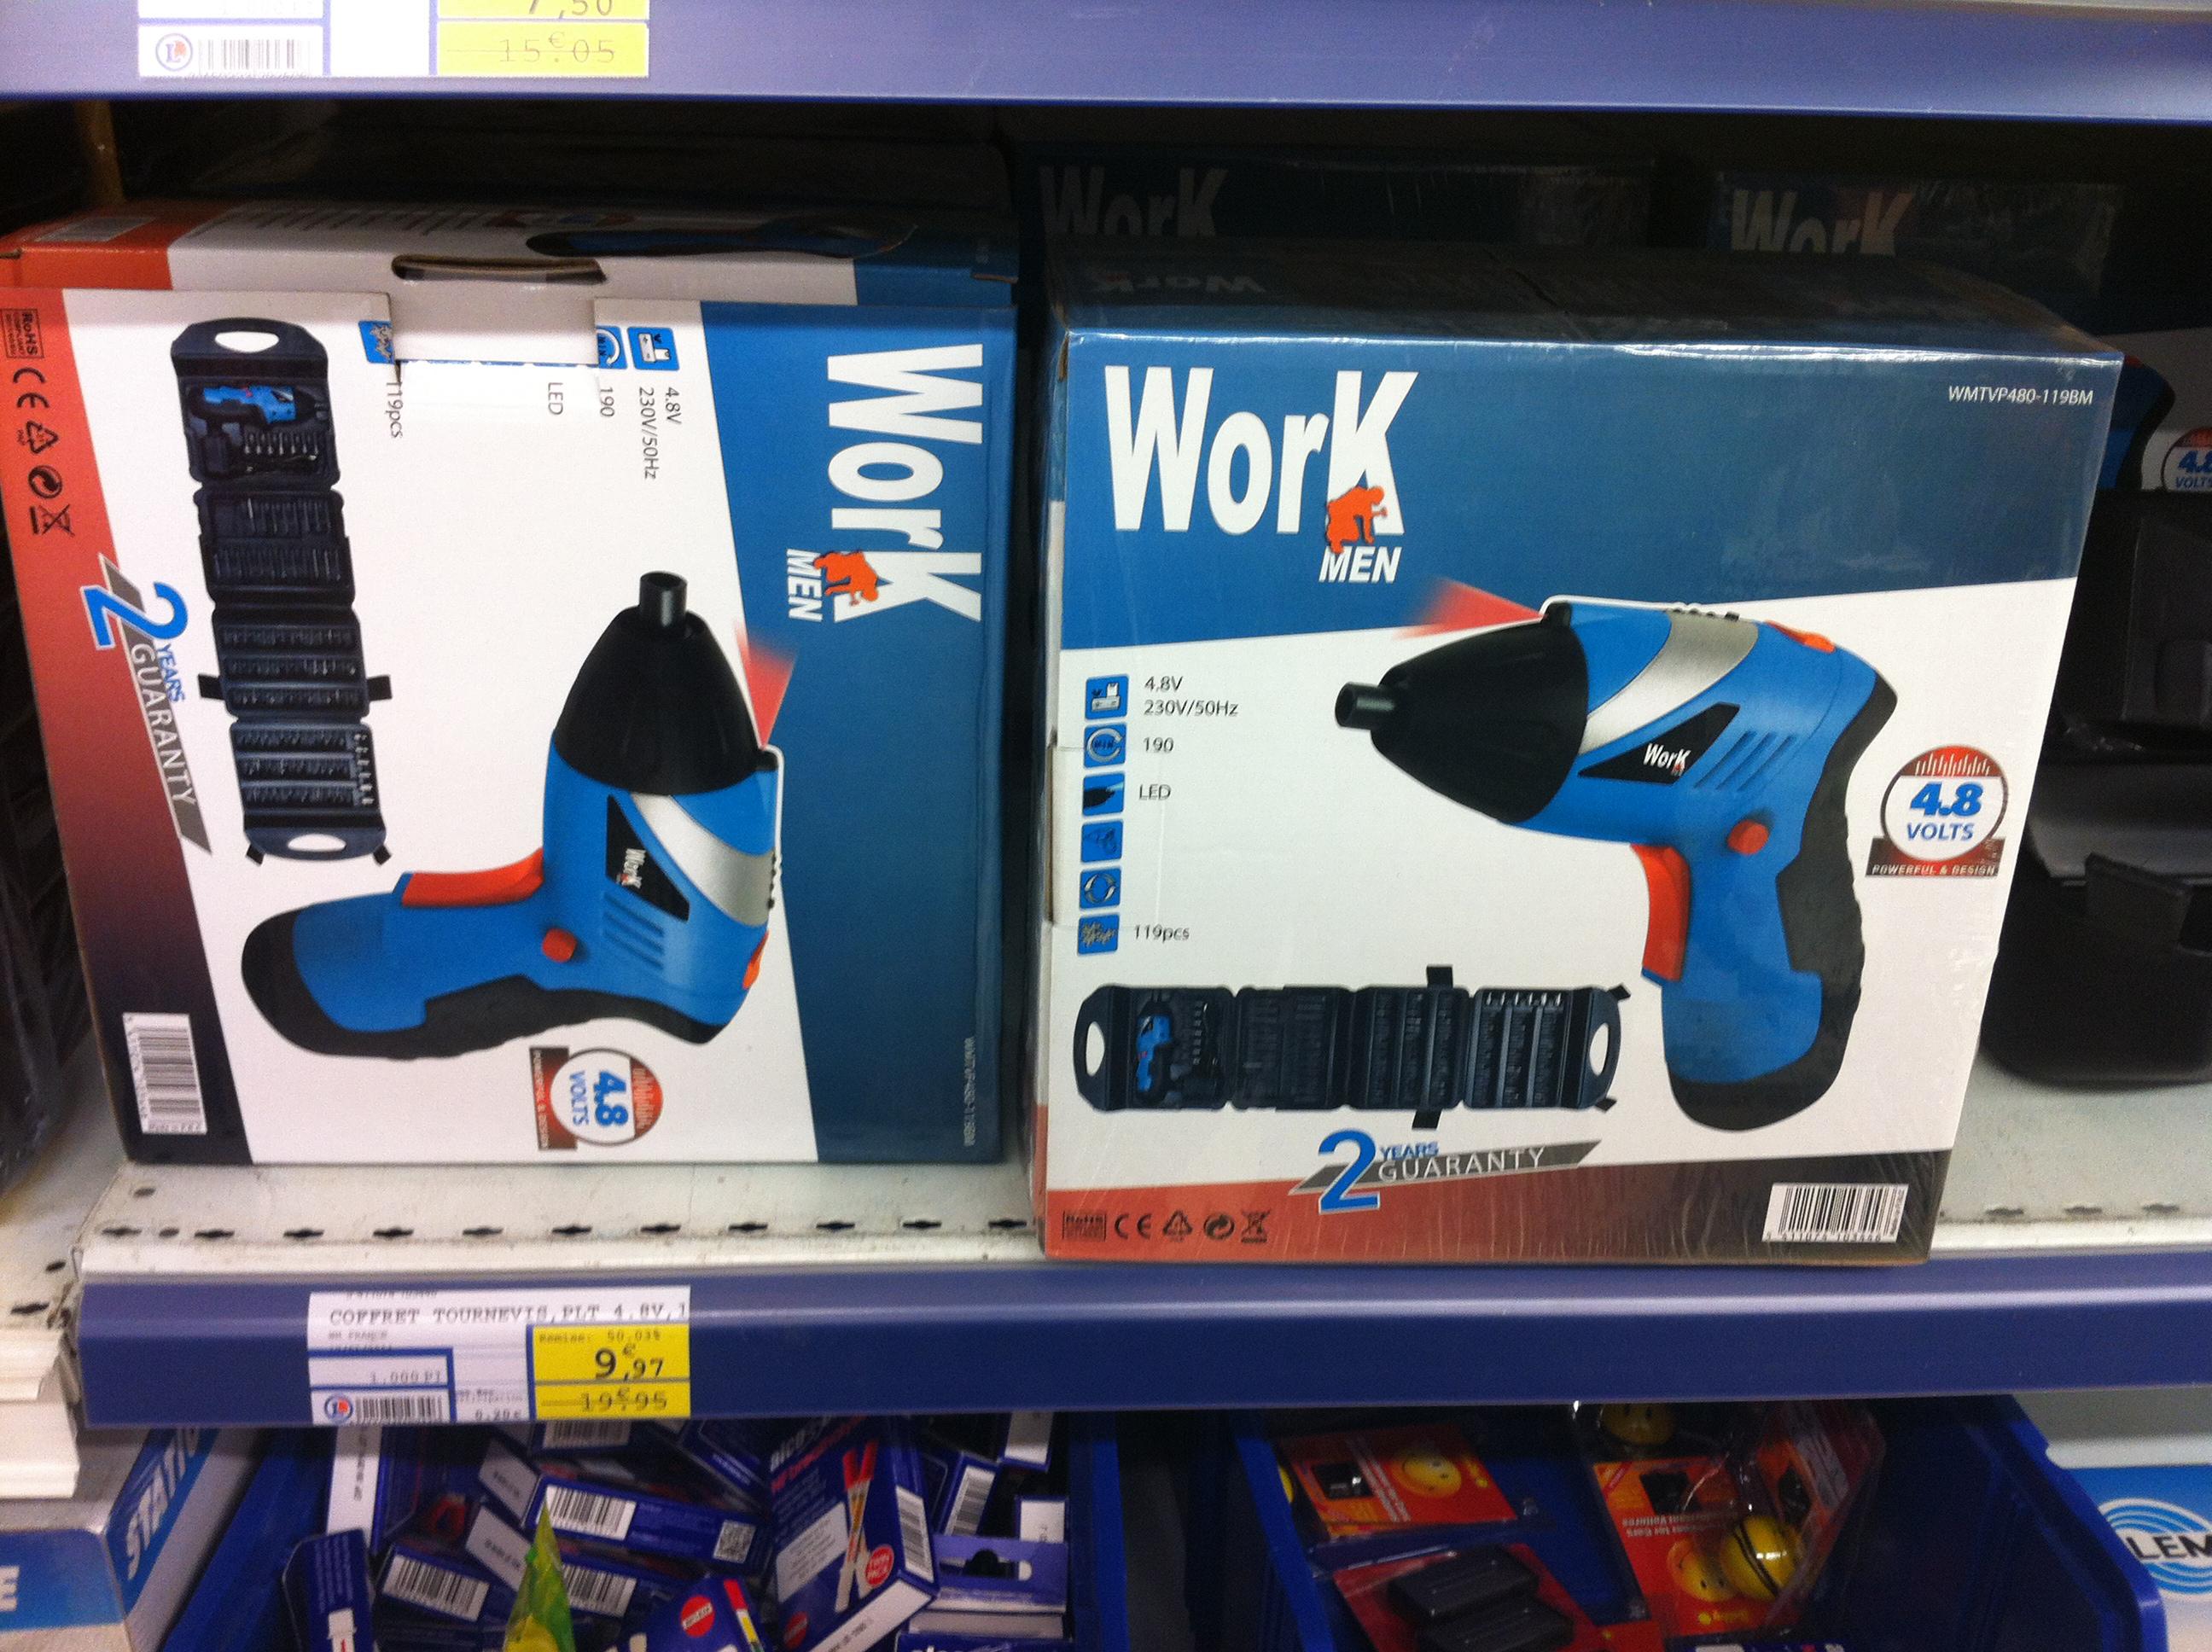 Coffret WorkMen tournevis 4,8V + 117 accessoires en magasin